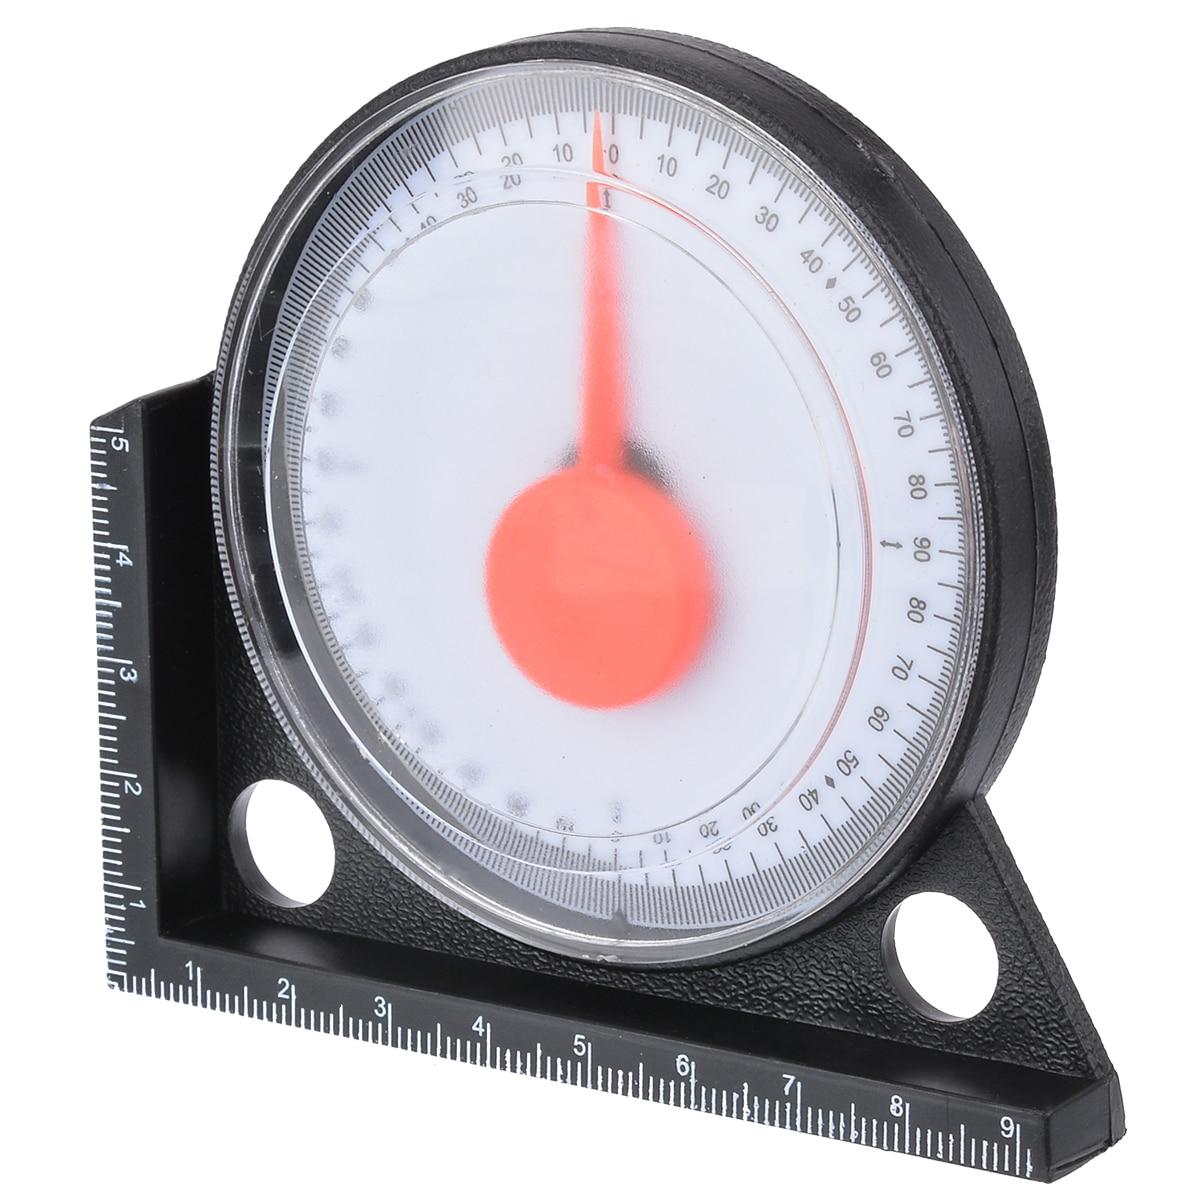 Aletler'ten İletkiler'de 1 adet ölçüm eğim eğim açısı bulucu İletki eğim seviyesi ölçer klinometre göstergesi ölçme araçları